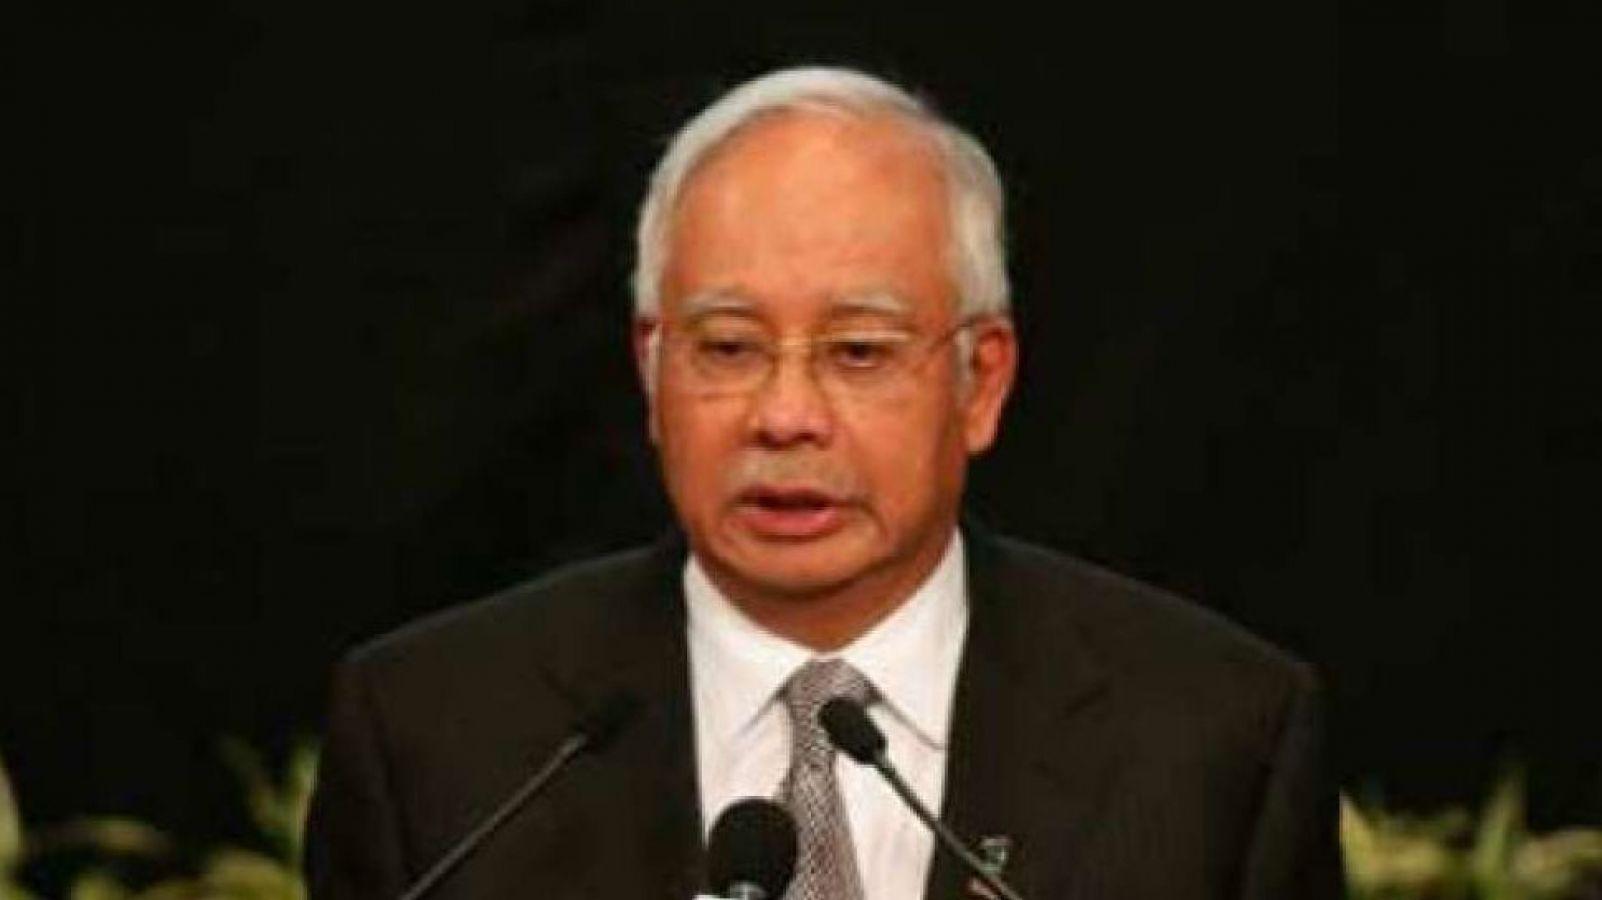 मलेशिया के पूर्व पीएम नजीब के खिलाफ सुनवाई शुरू, लगे हैं भ्रष्टाचार के आरोप